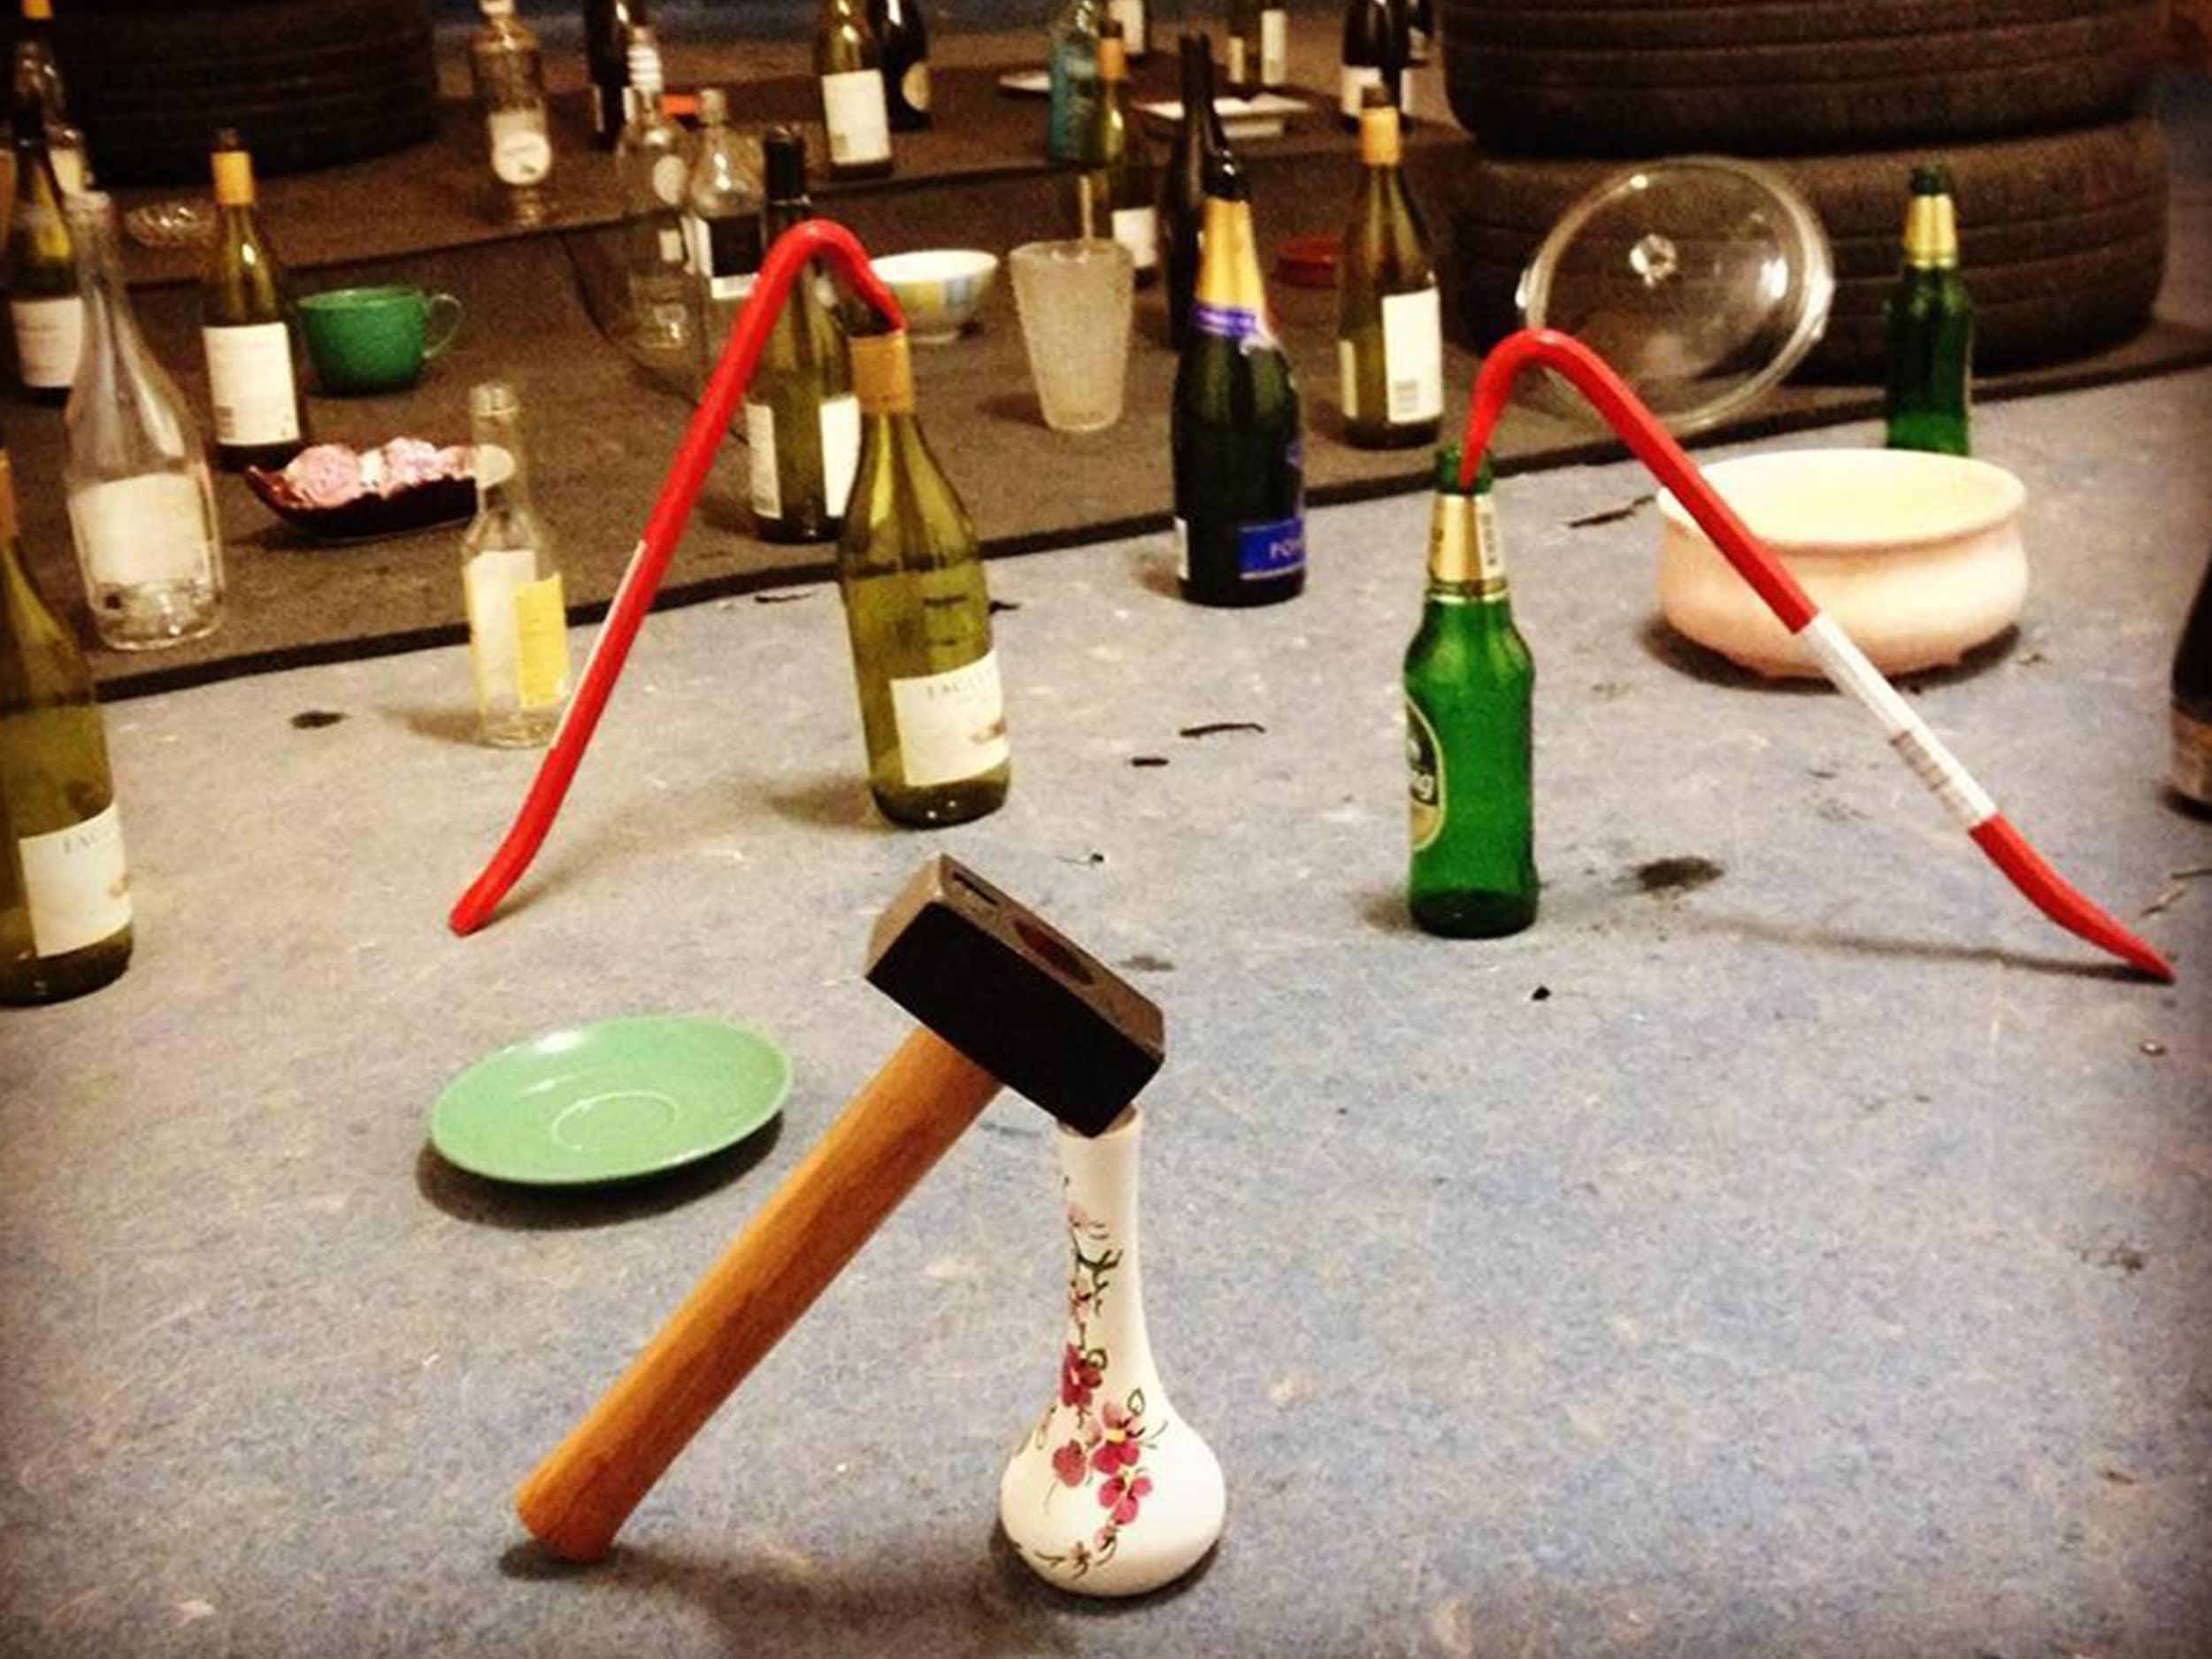 bouteille et vaisselle prête à être cassé